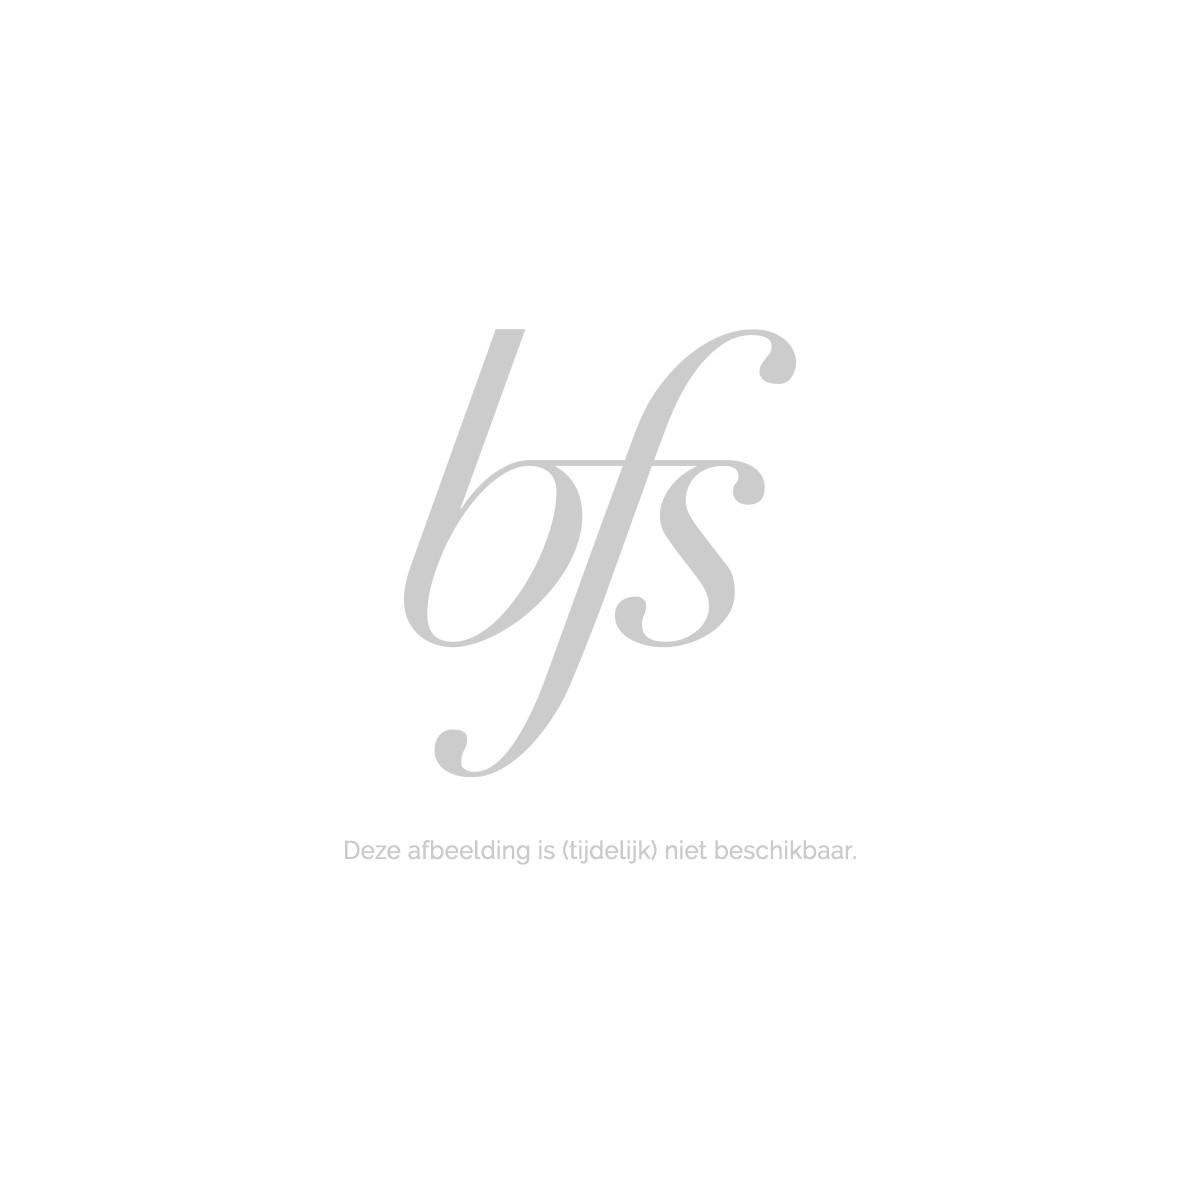 Afbeelding van Darphin Ideal Resource Serum Serums & Kuren Beauty